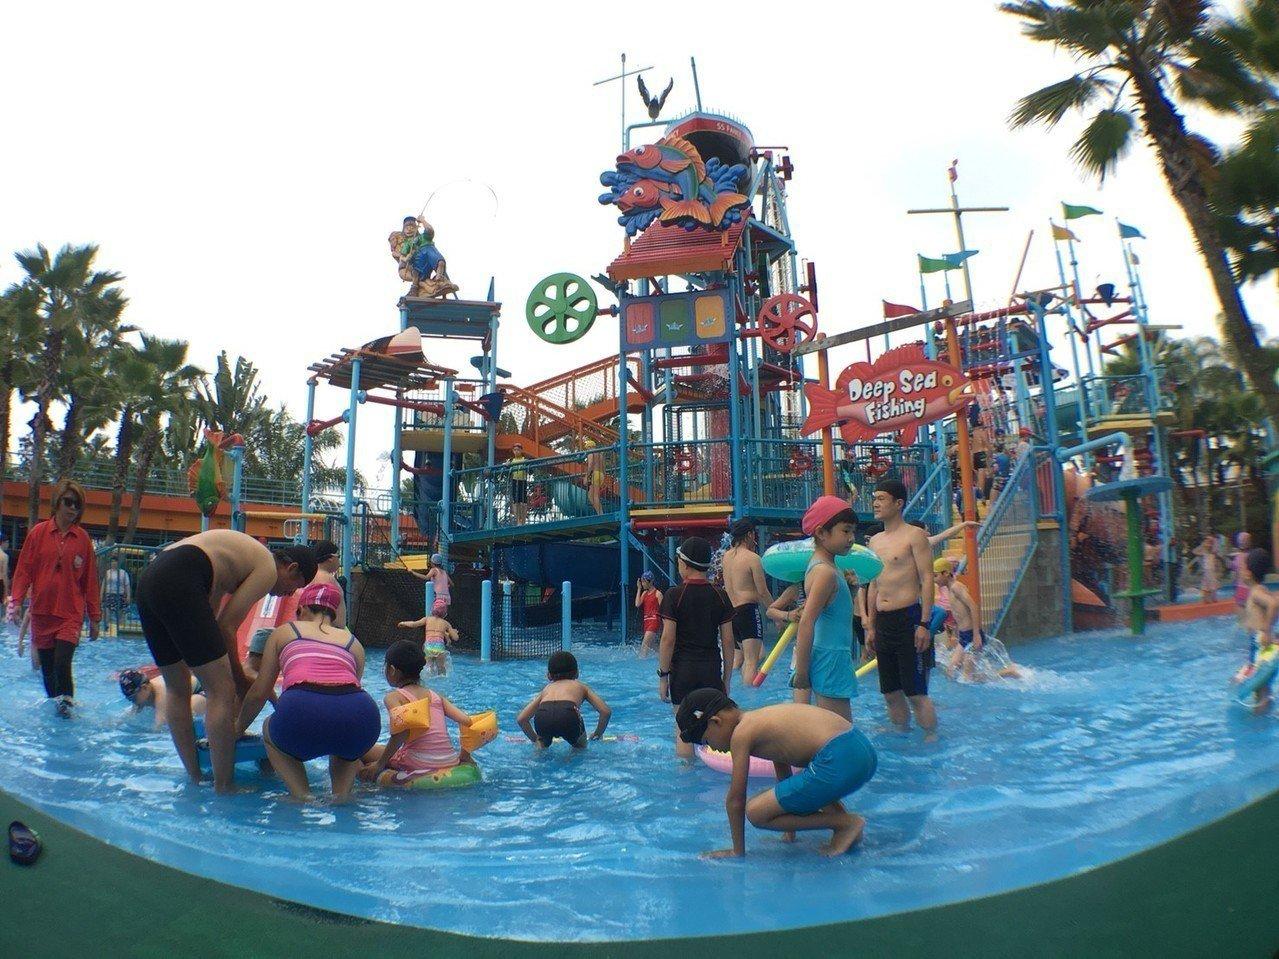 連假期間,水樂園也提前開放龍捲風、大船塢、大碗公等三項最受歡迎的玩水設施。圖/劍...